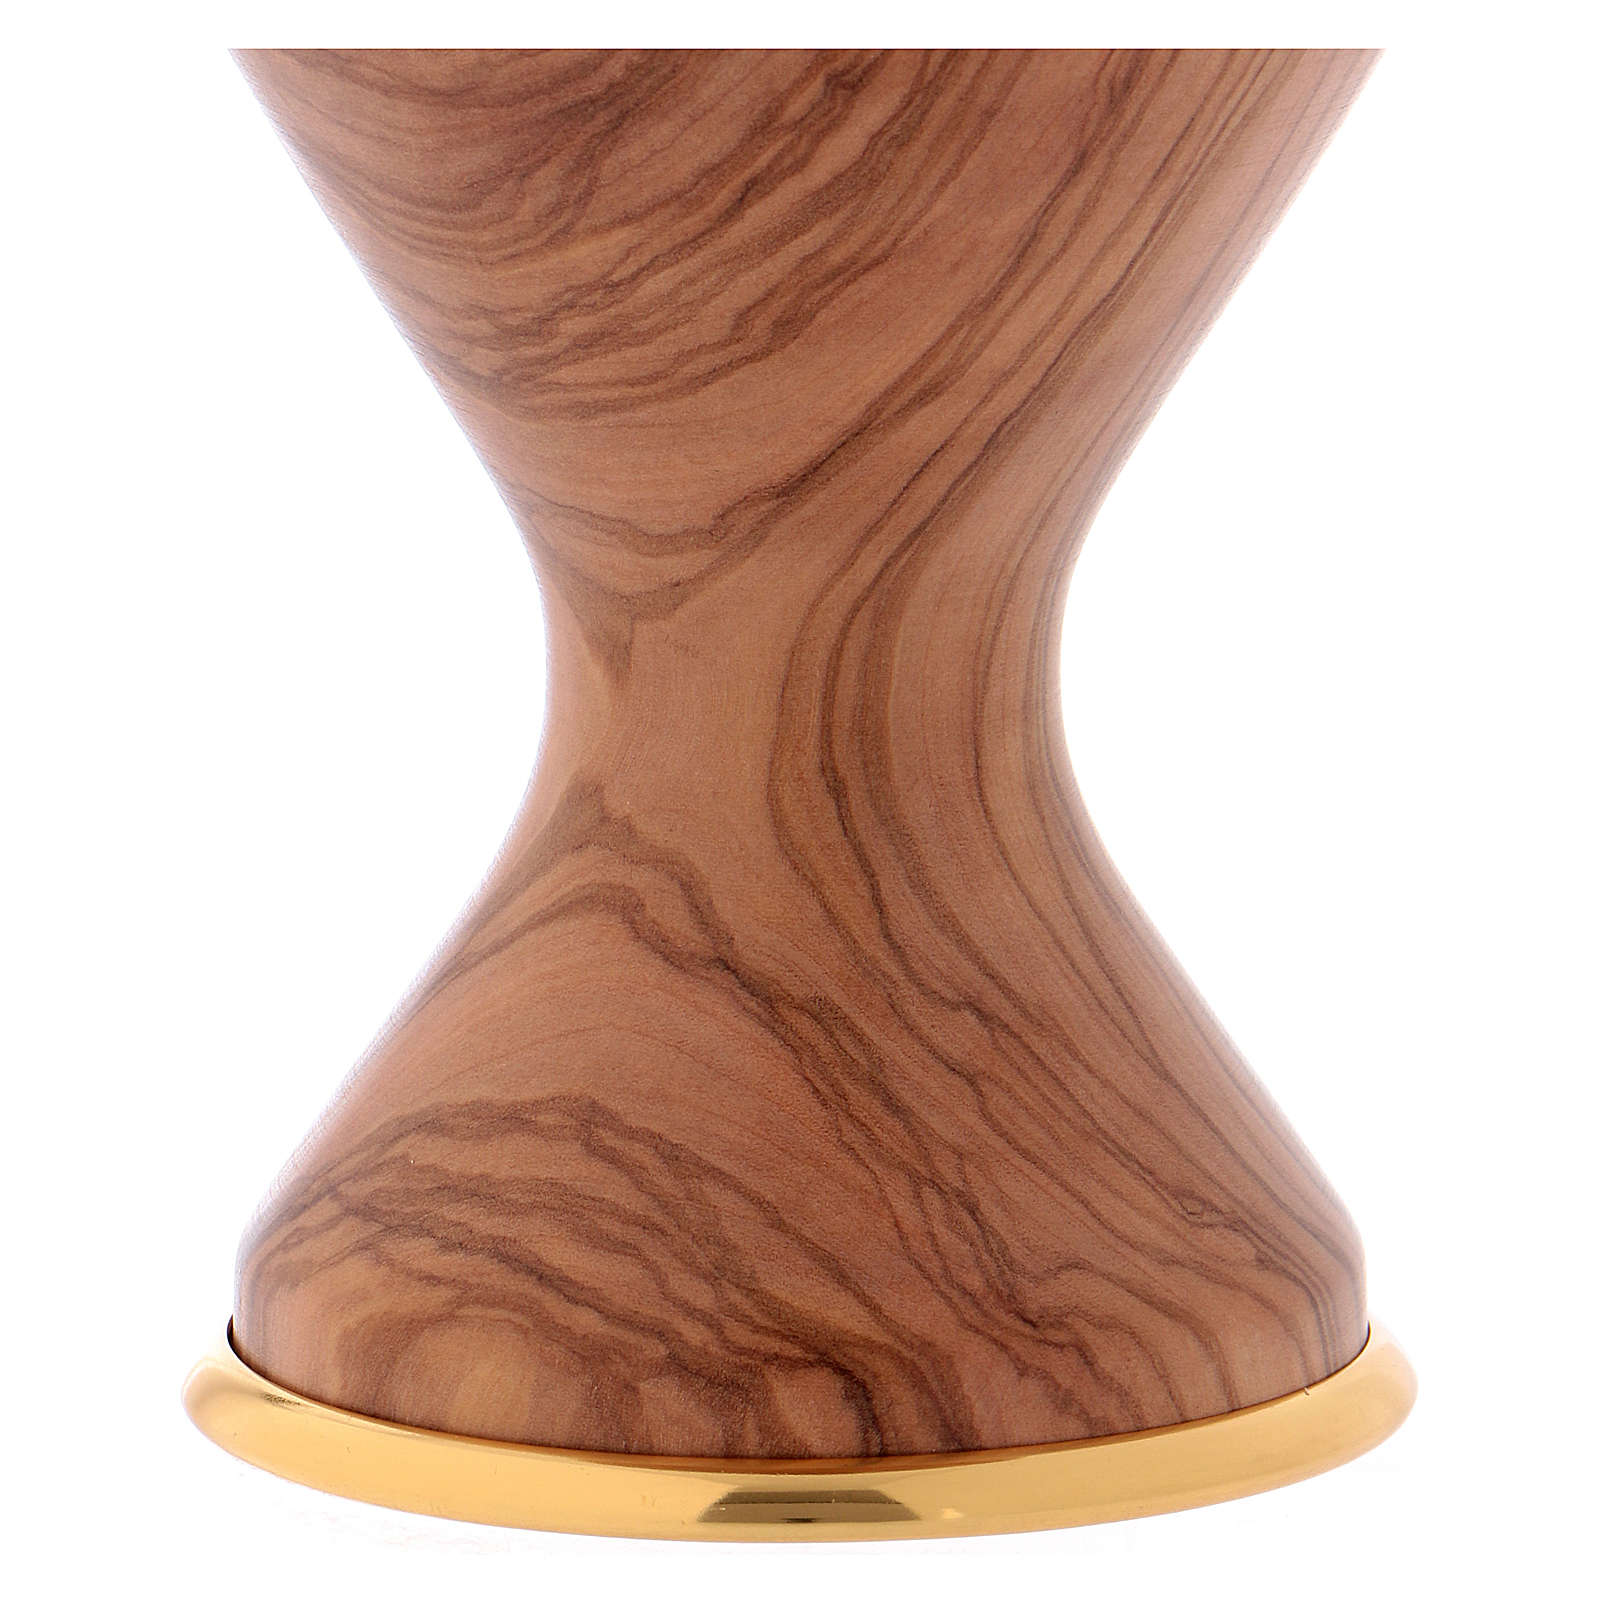 Calice in ulivo con coppa in metallo 4